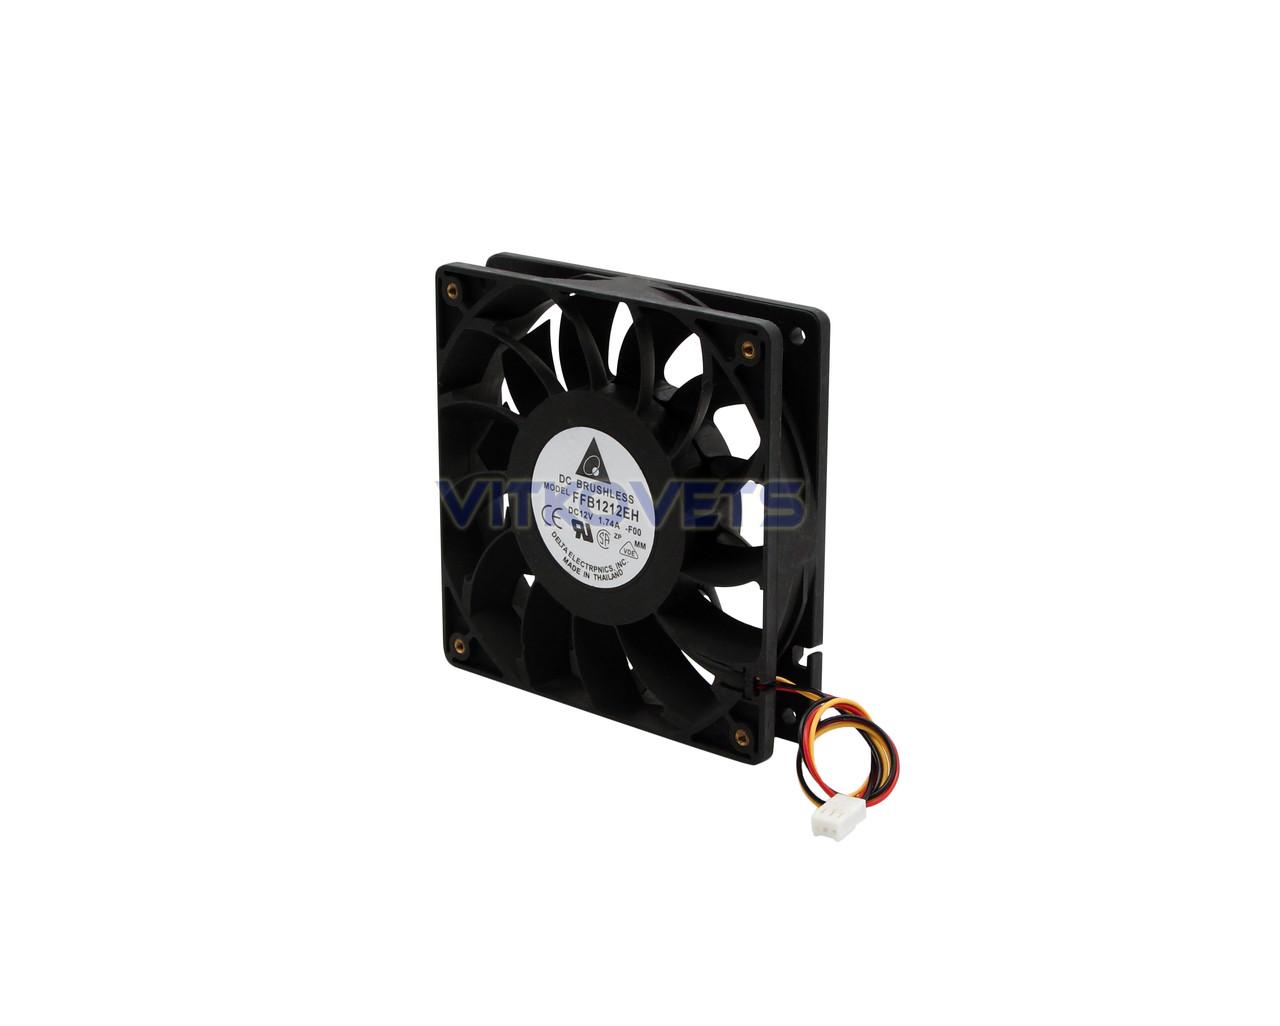 Вентилятор (кулер) 120х120, 12V, 1.74A (3 pin)